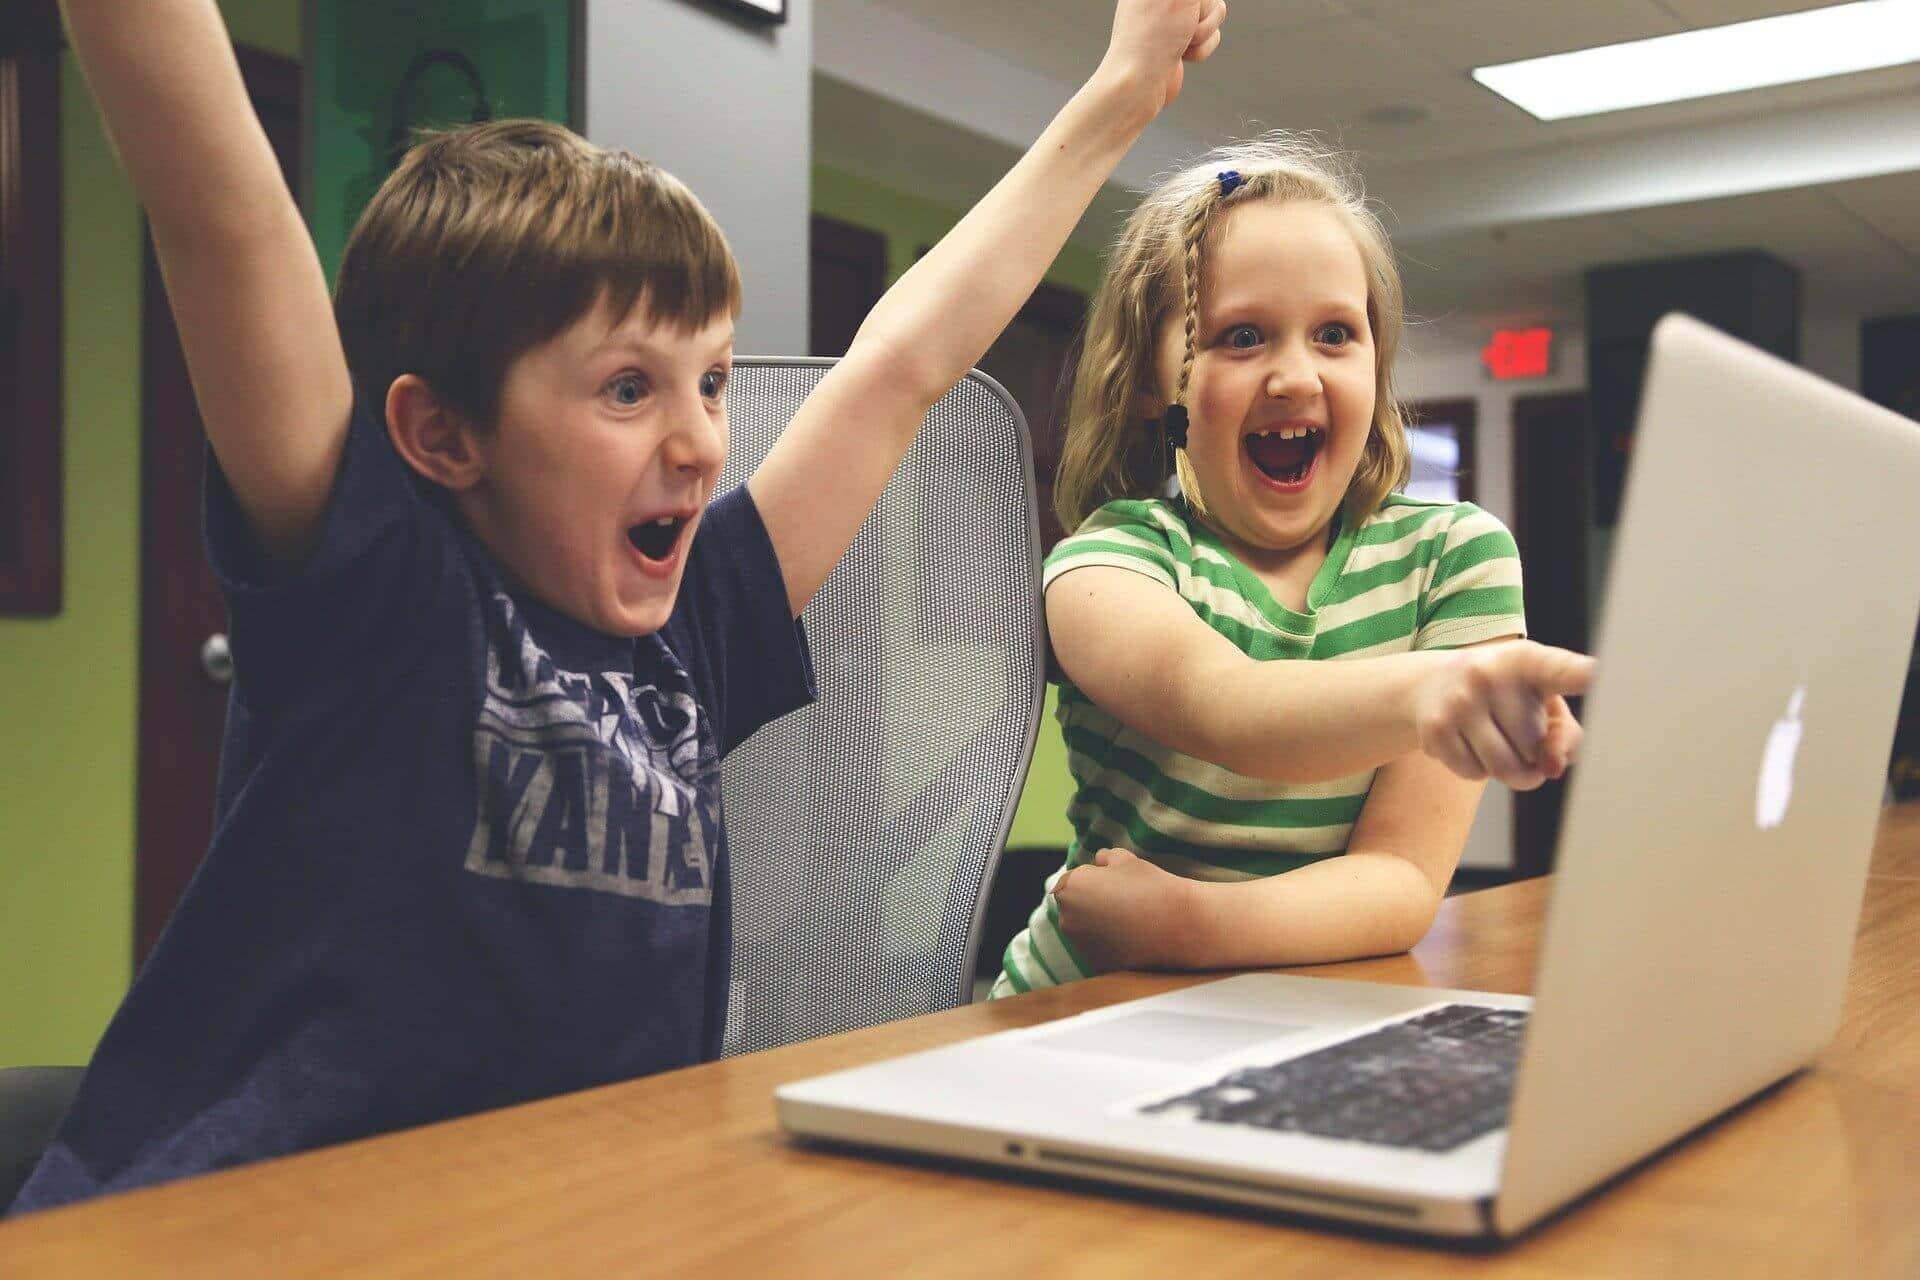 Die Gefahren von Kinderfotos in den sozialen Netzwerken